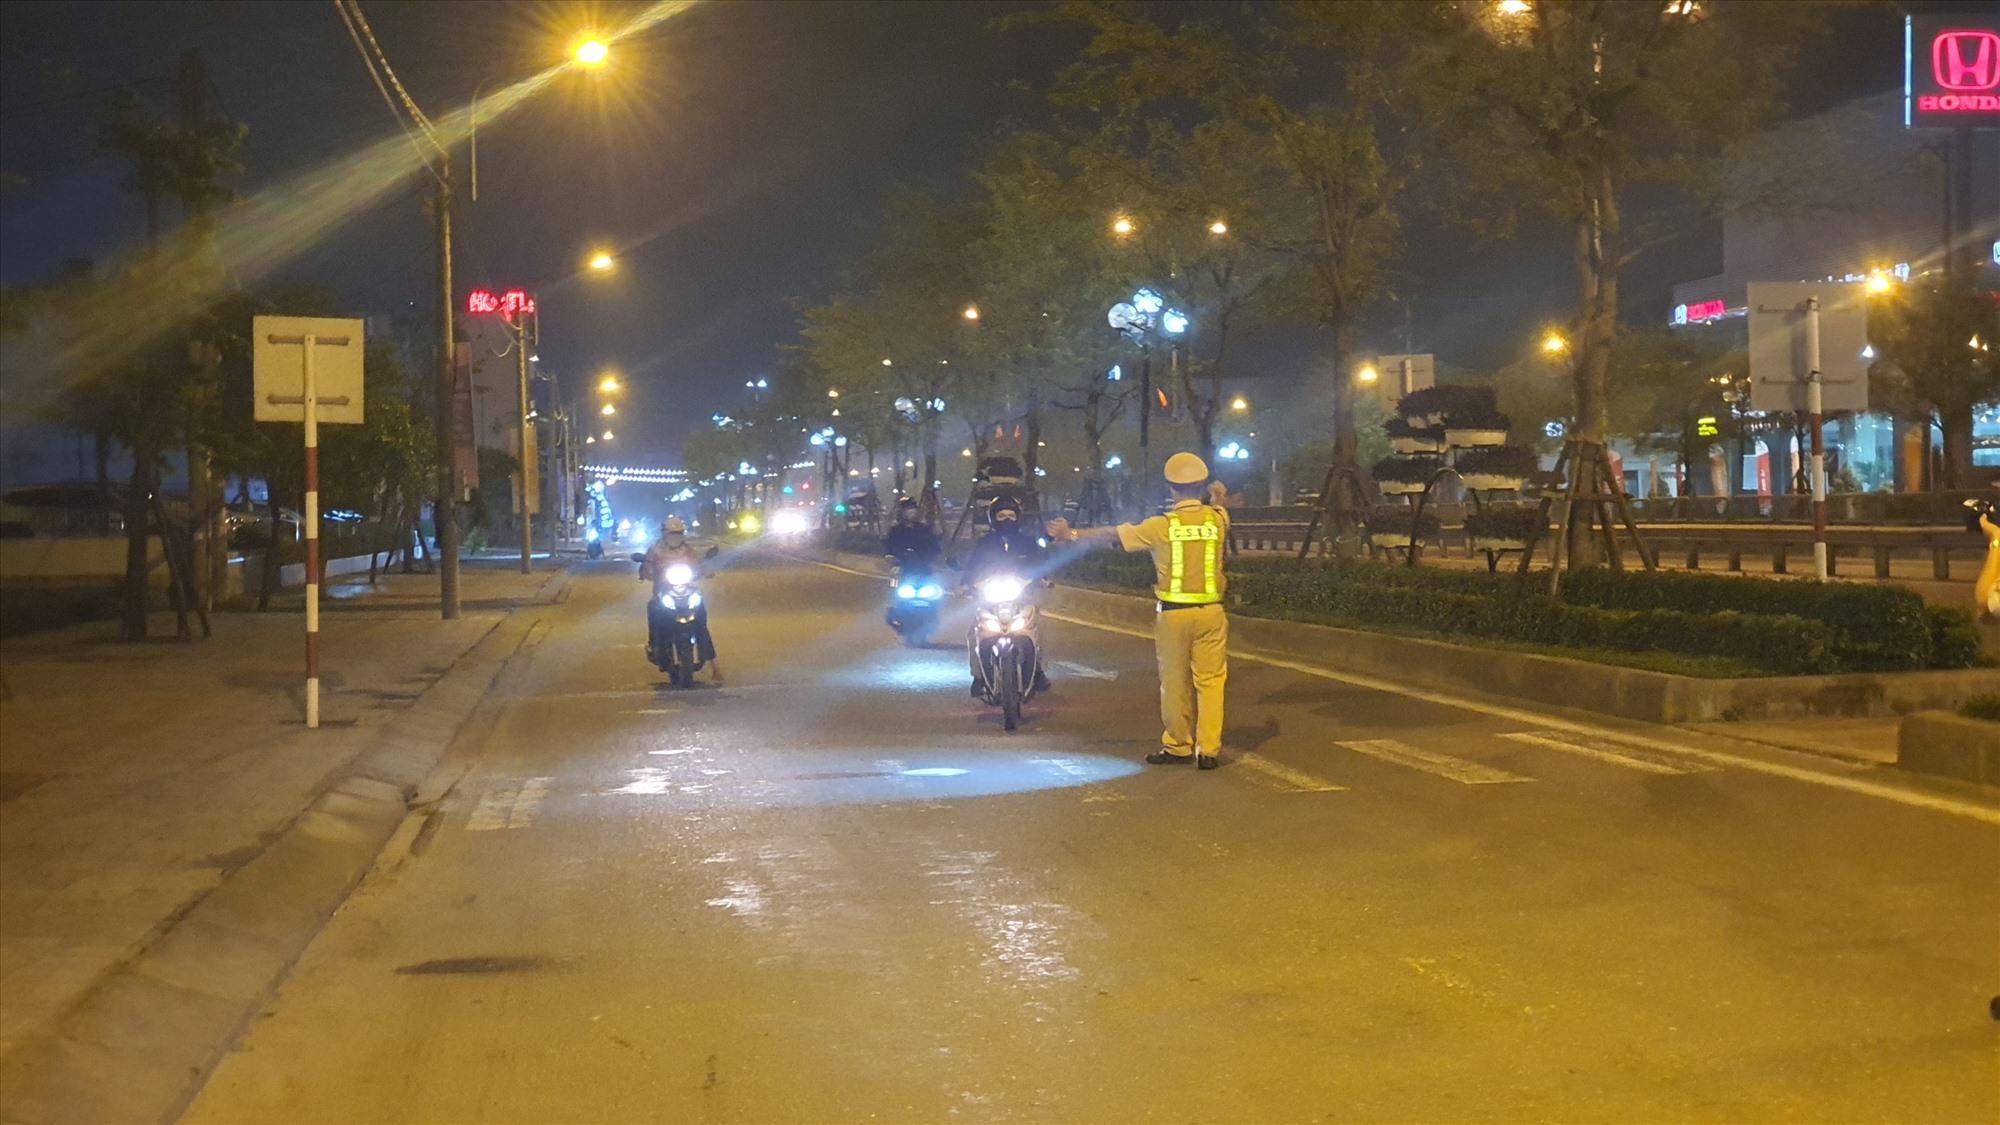 CSGT chốt chặn, tuần tra kiểm soát trên tuyến Quốc lộ 1A tối 29.12. Ảnh: T.C